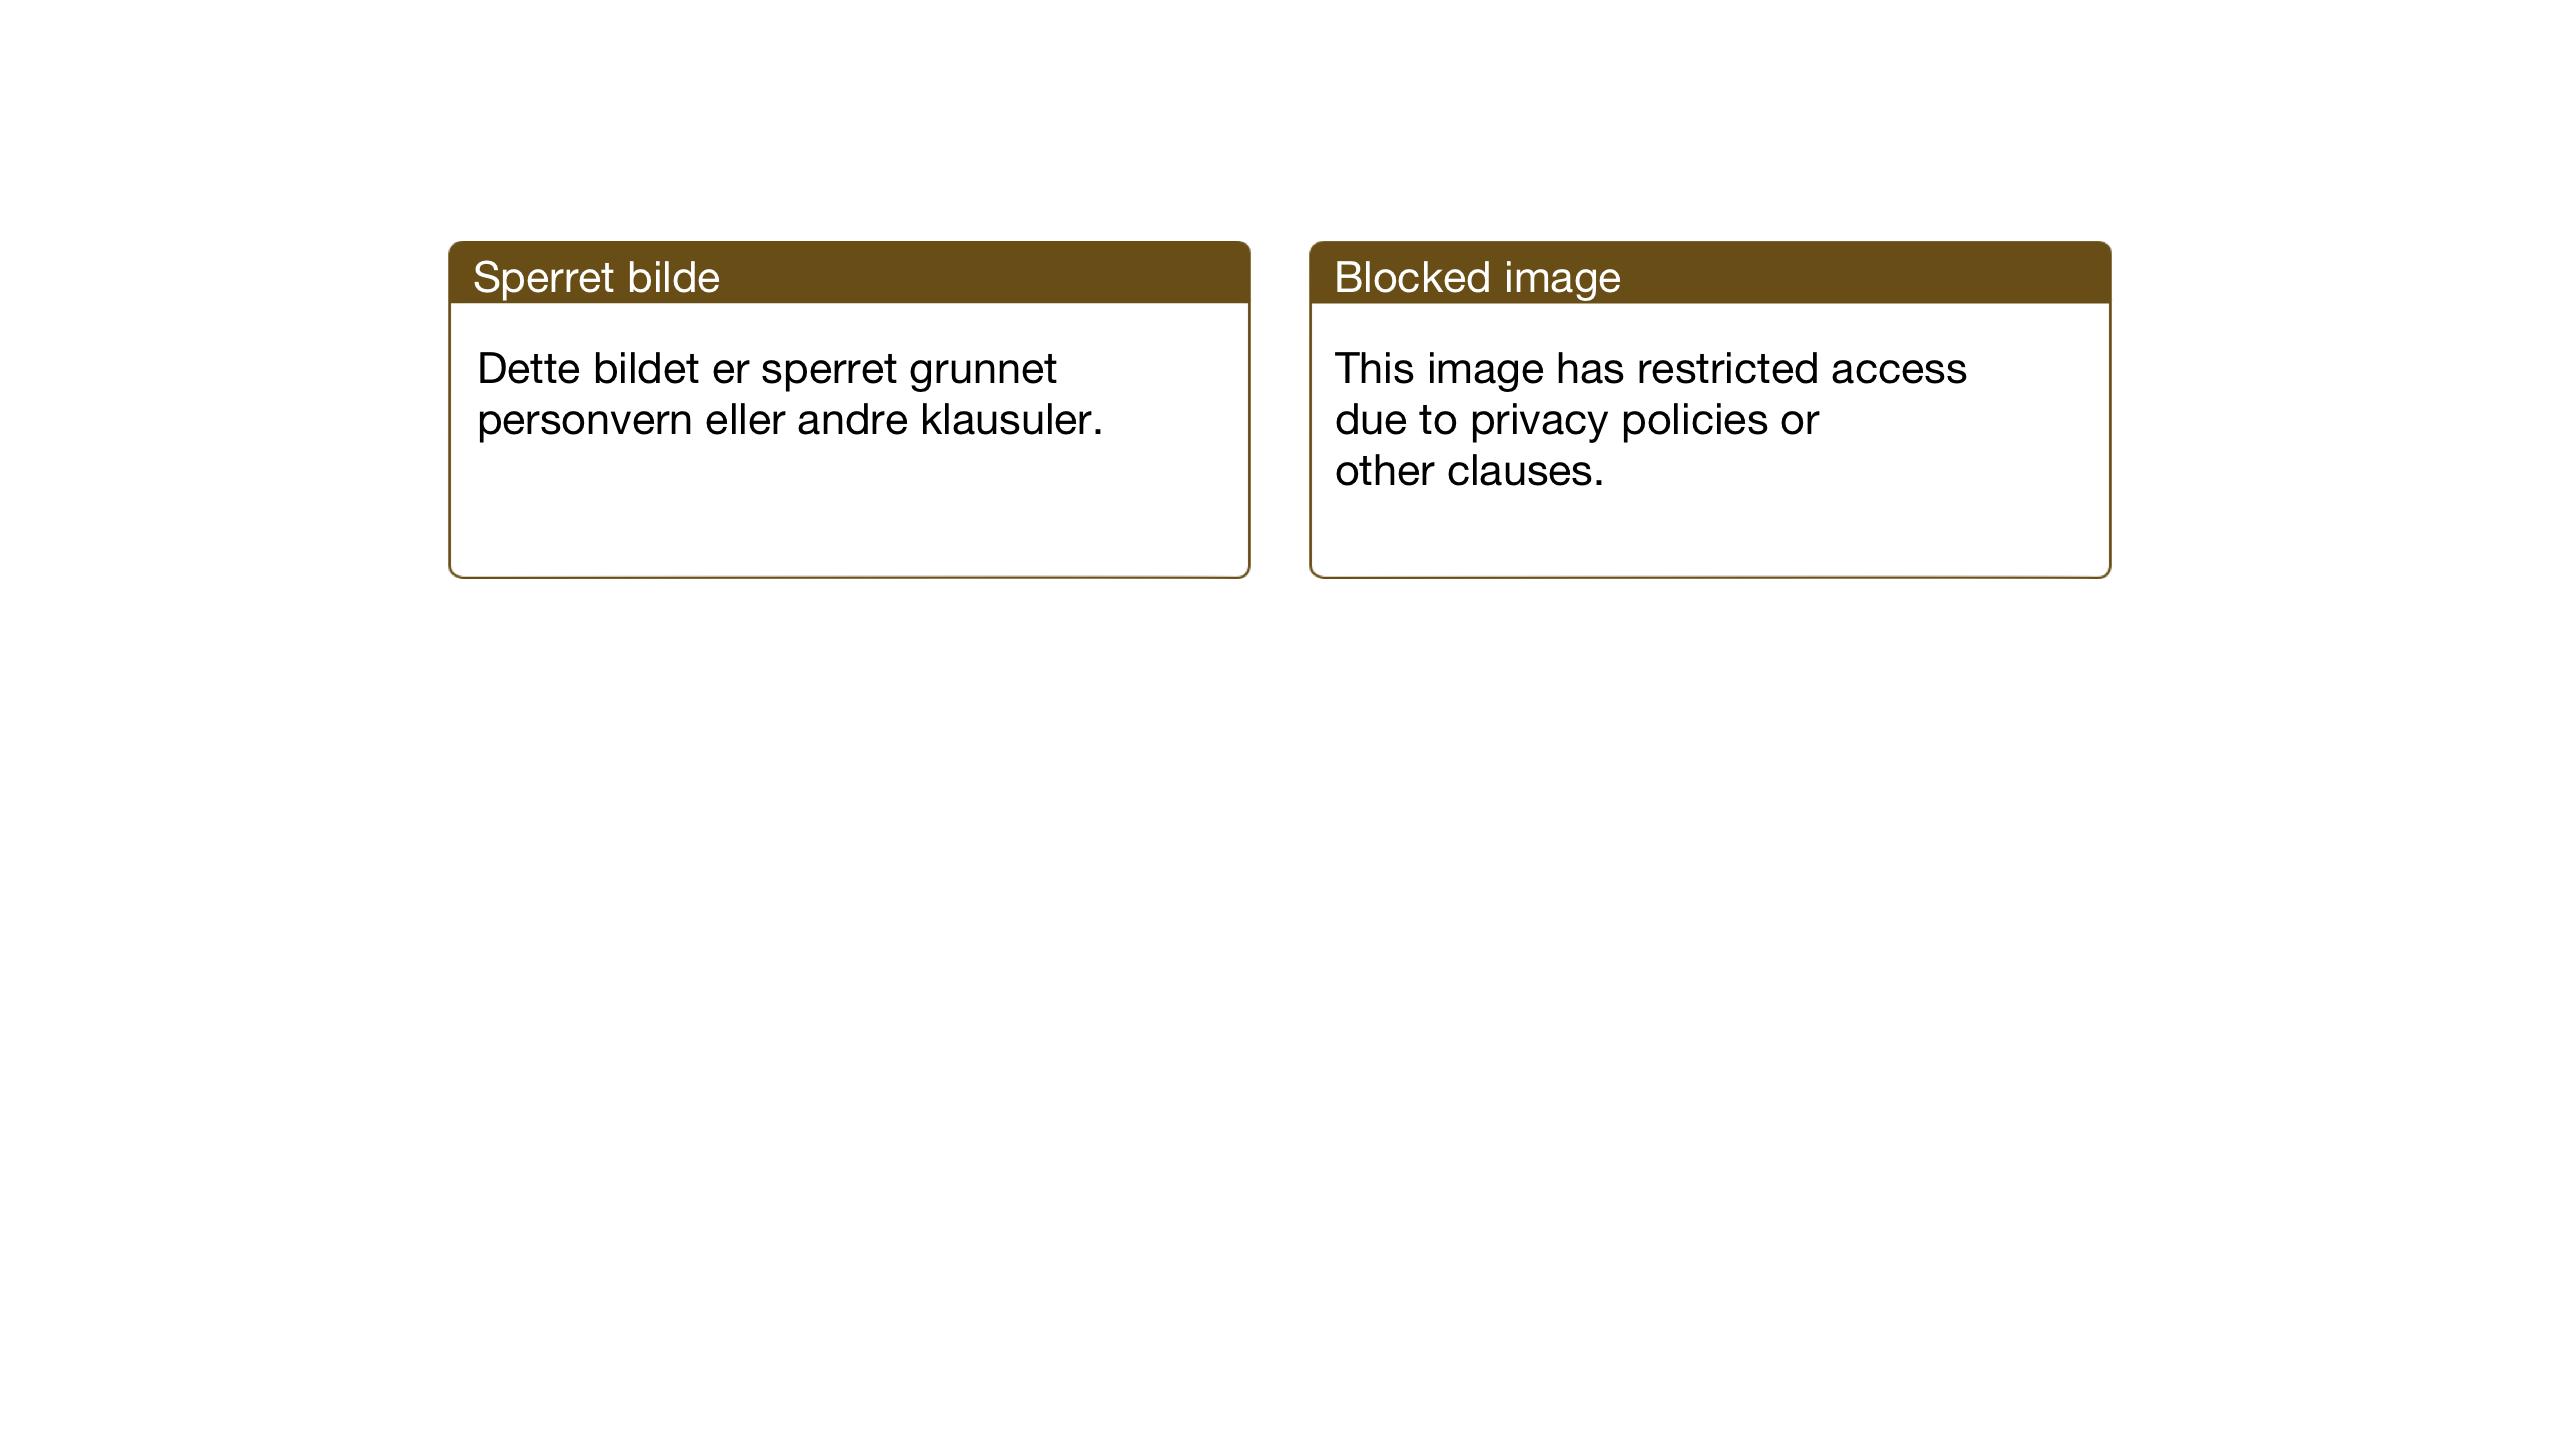 SAT, Ministerialprotokoller, klokkerbøker og fødselsregistre - Nord-Trøndelag, 739/L0377: Klokkerbok nr. 739C05, 1940-1947, s. 4